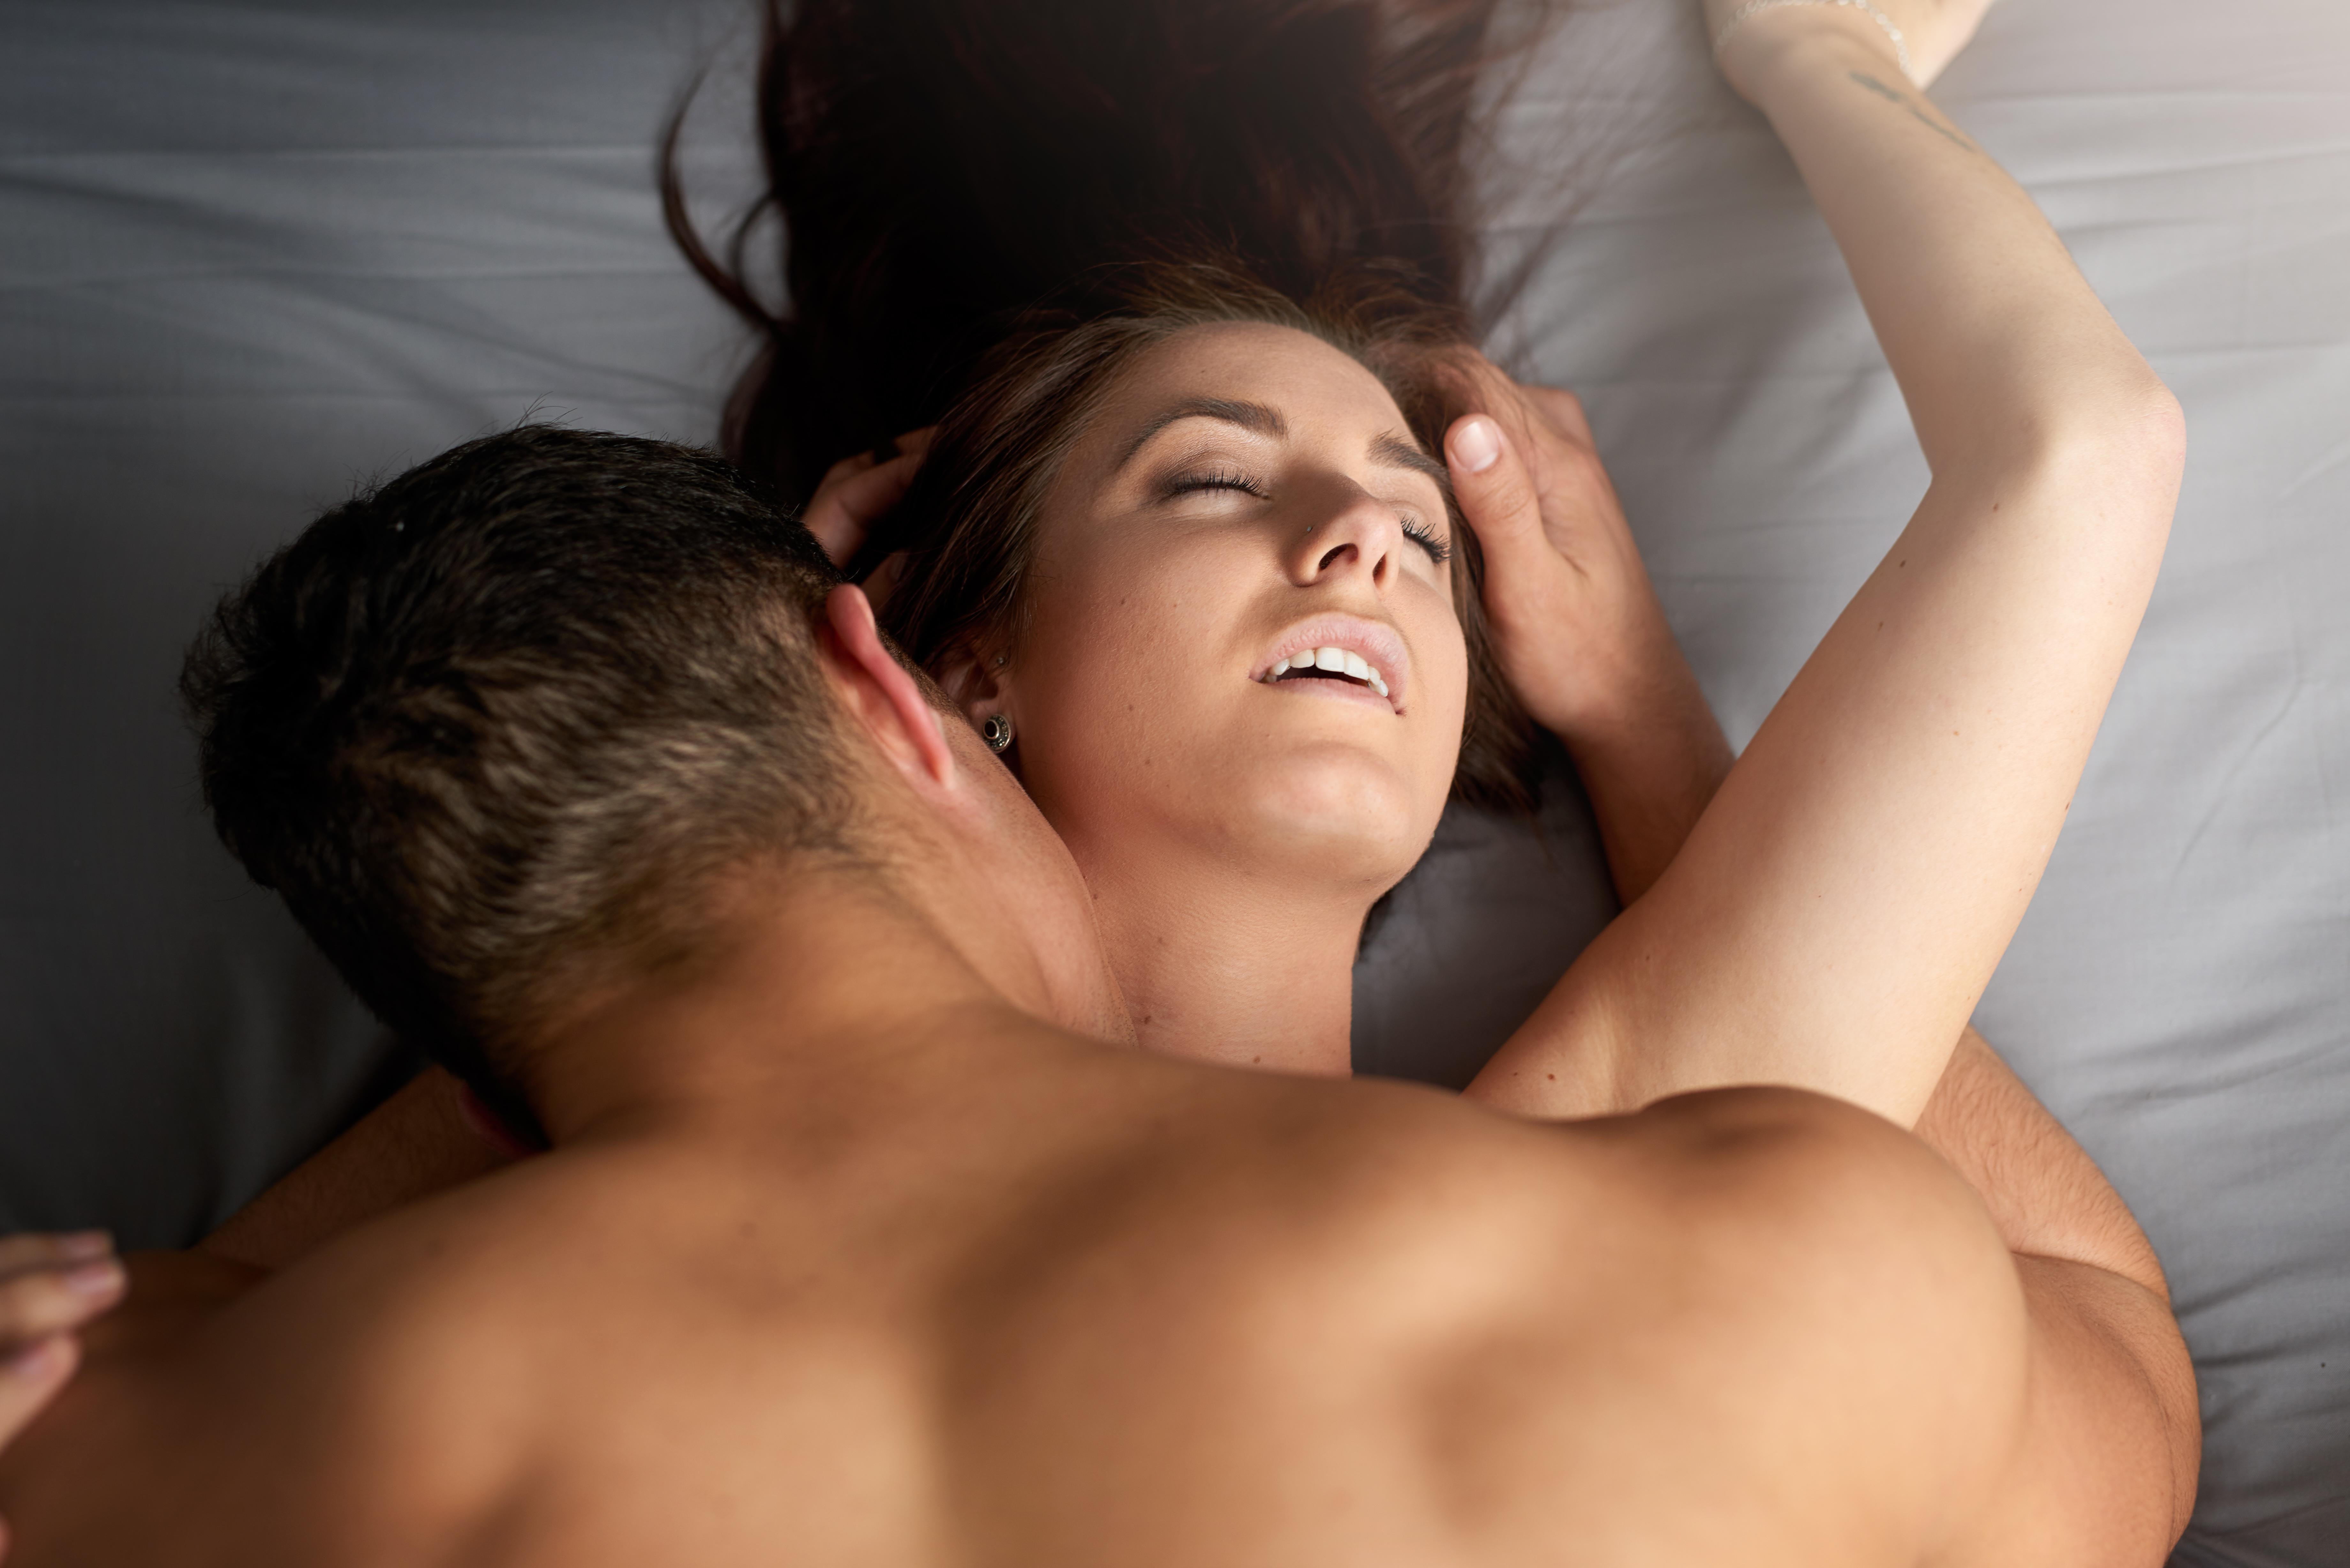 People having orgasm deaf an